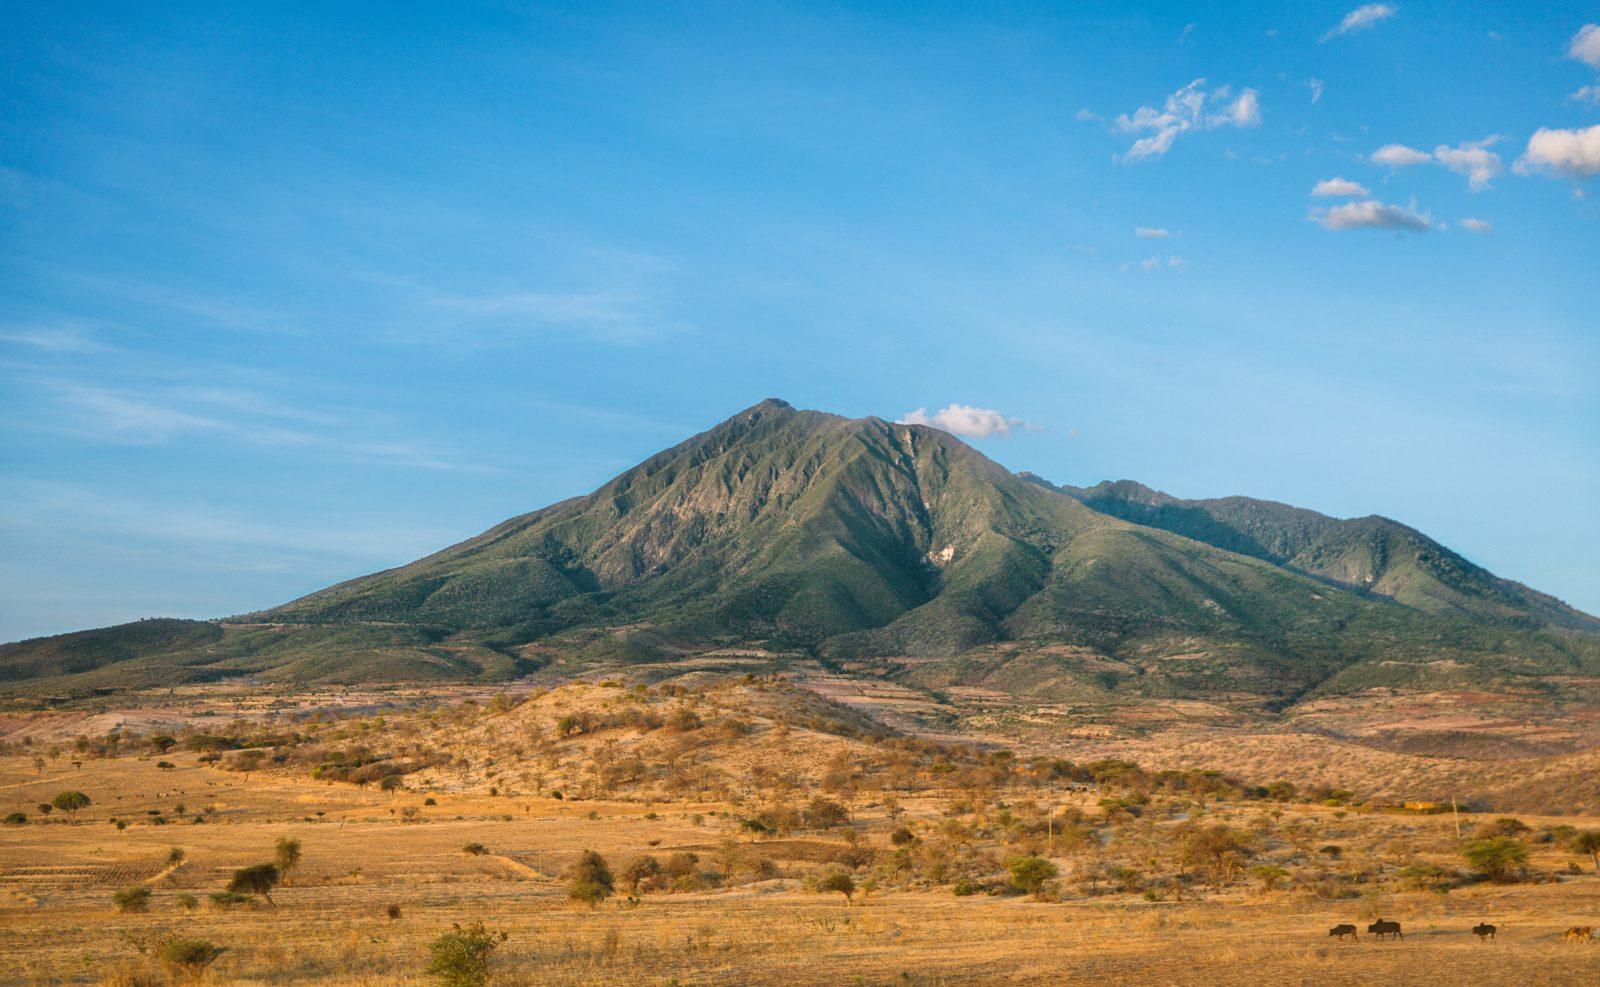 Виза в Танзанию: нужна ли в поездку для россиян?